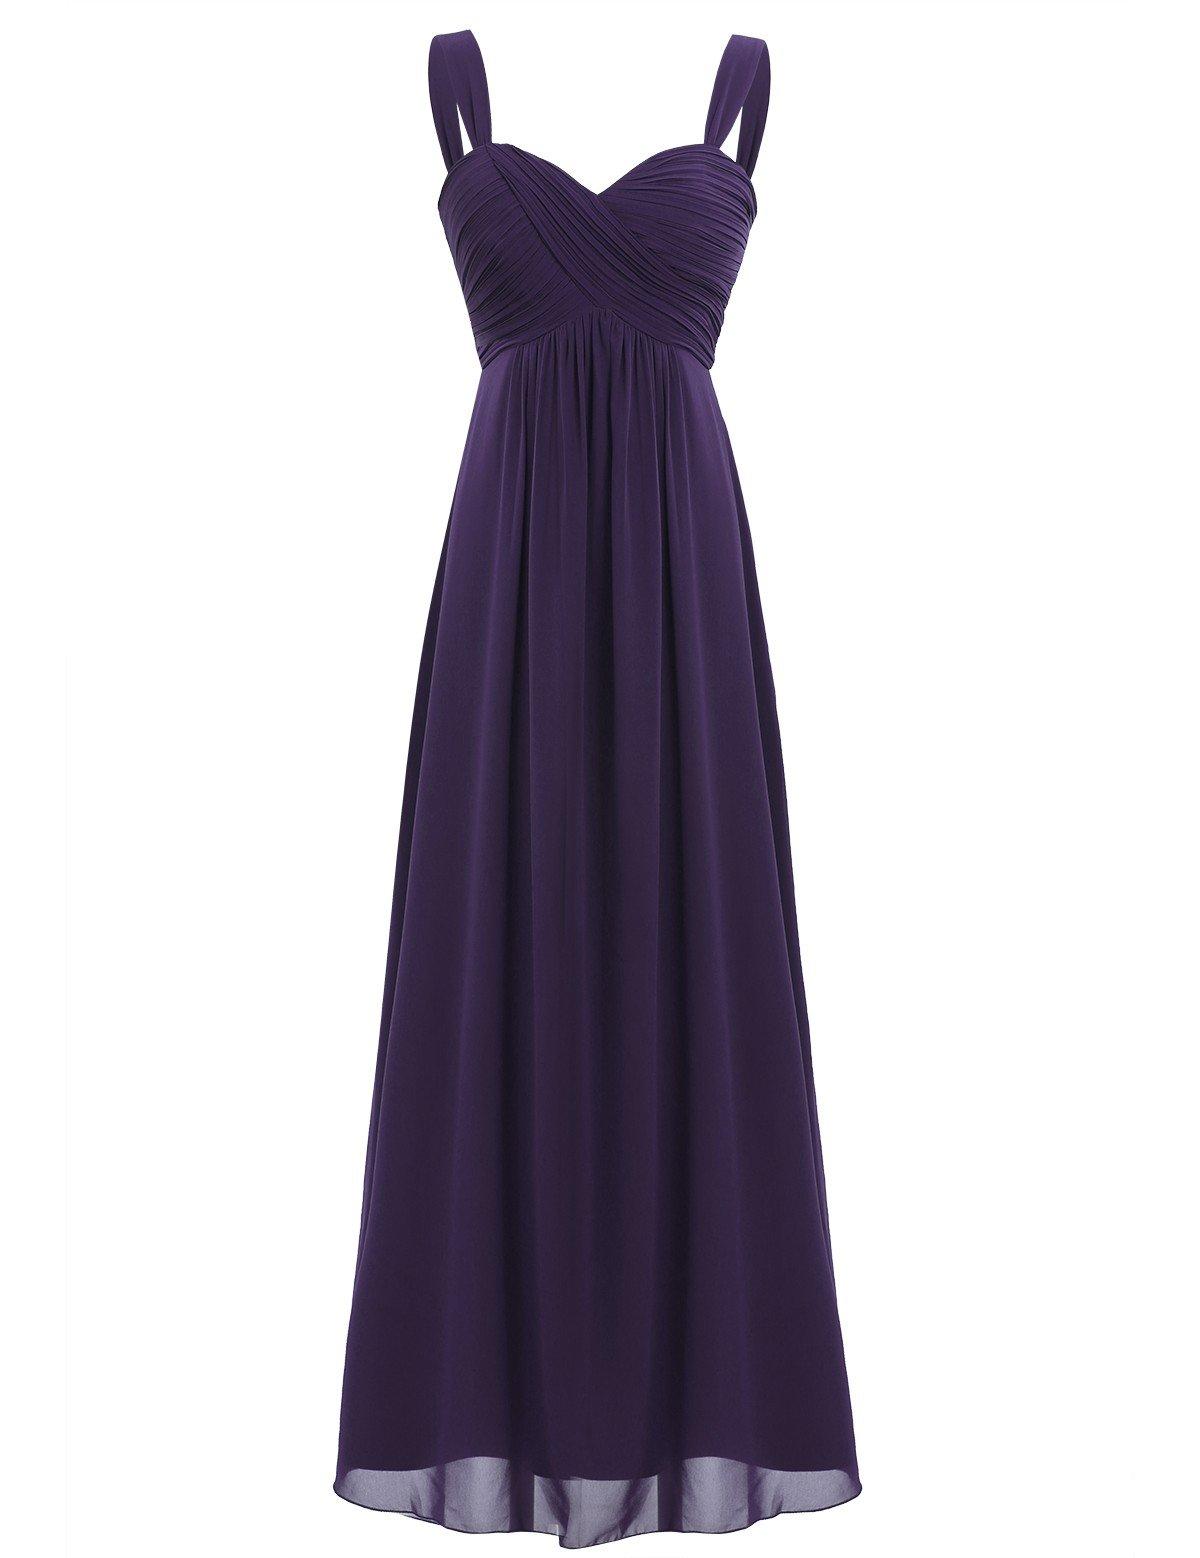 62238c2eb Freebily Vestido Largo de Fiesta Cóctel Boda para Mujer Dama de Honor  Vestido Noche Elegante de